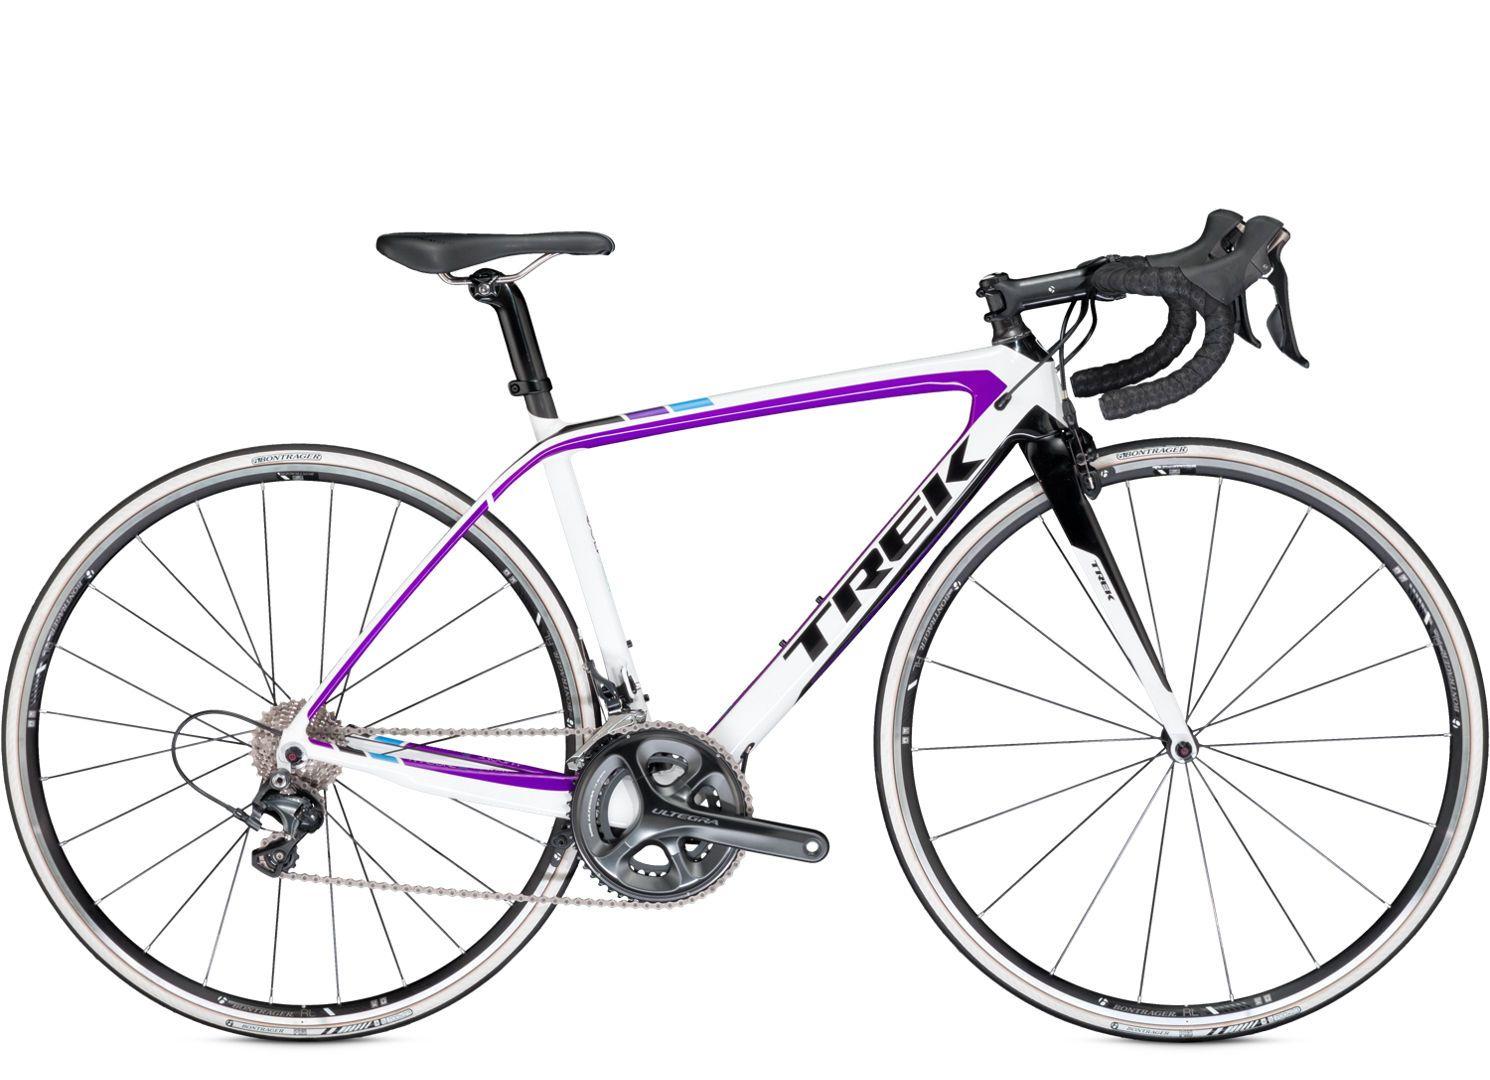 Madone 6 2 Wsd Trek Bicycle Trek Bicycle Trek Bikes Racing Bikes